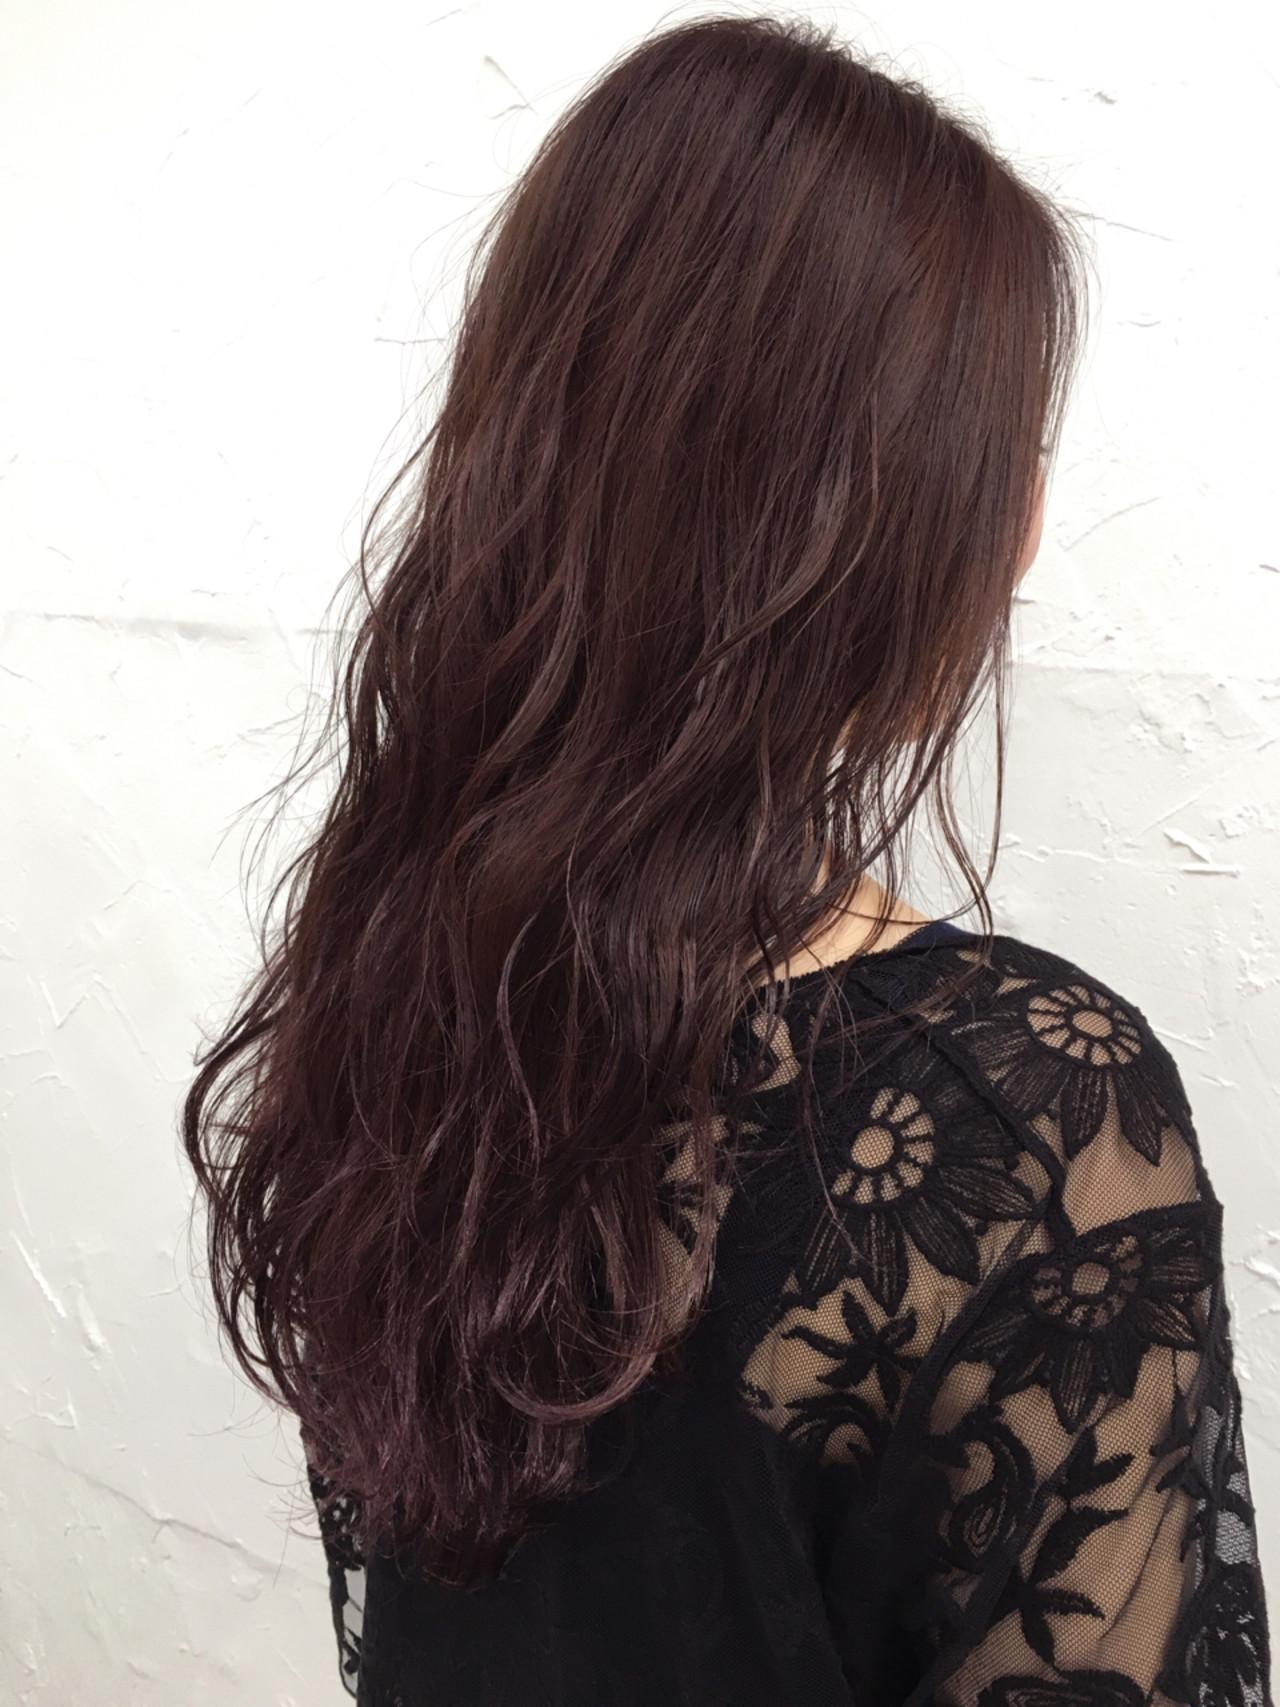 ピンク セミロング 暗髪 パープル ヘアスタイルや髪型の写真・画像 | 田中晋也 / prize(プライズ)表参道店